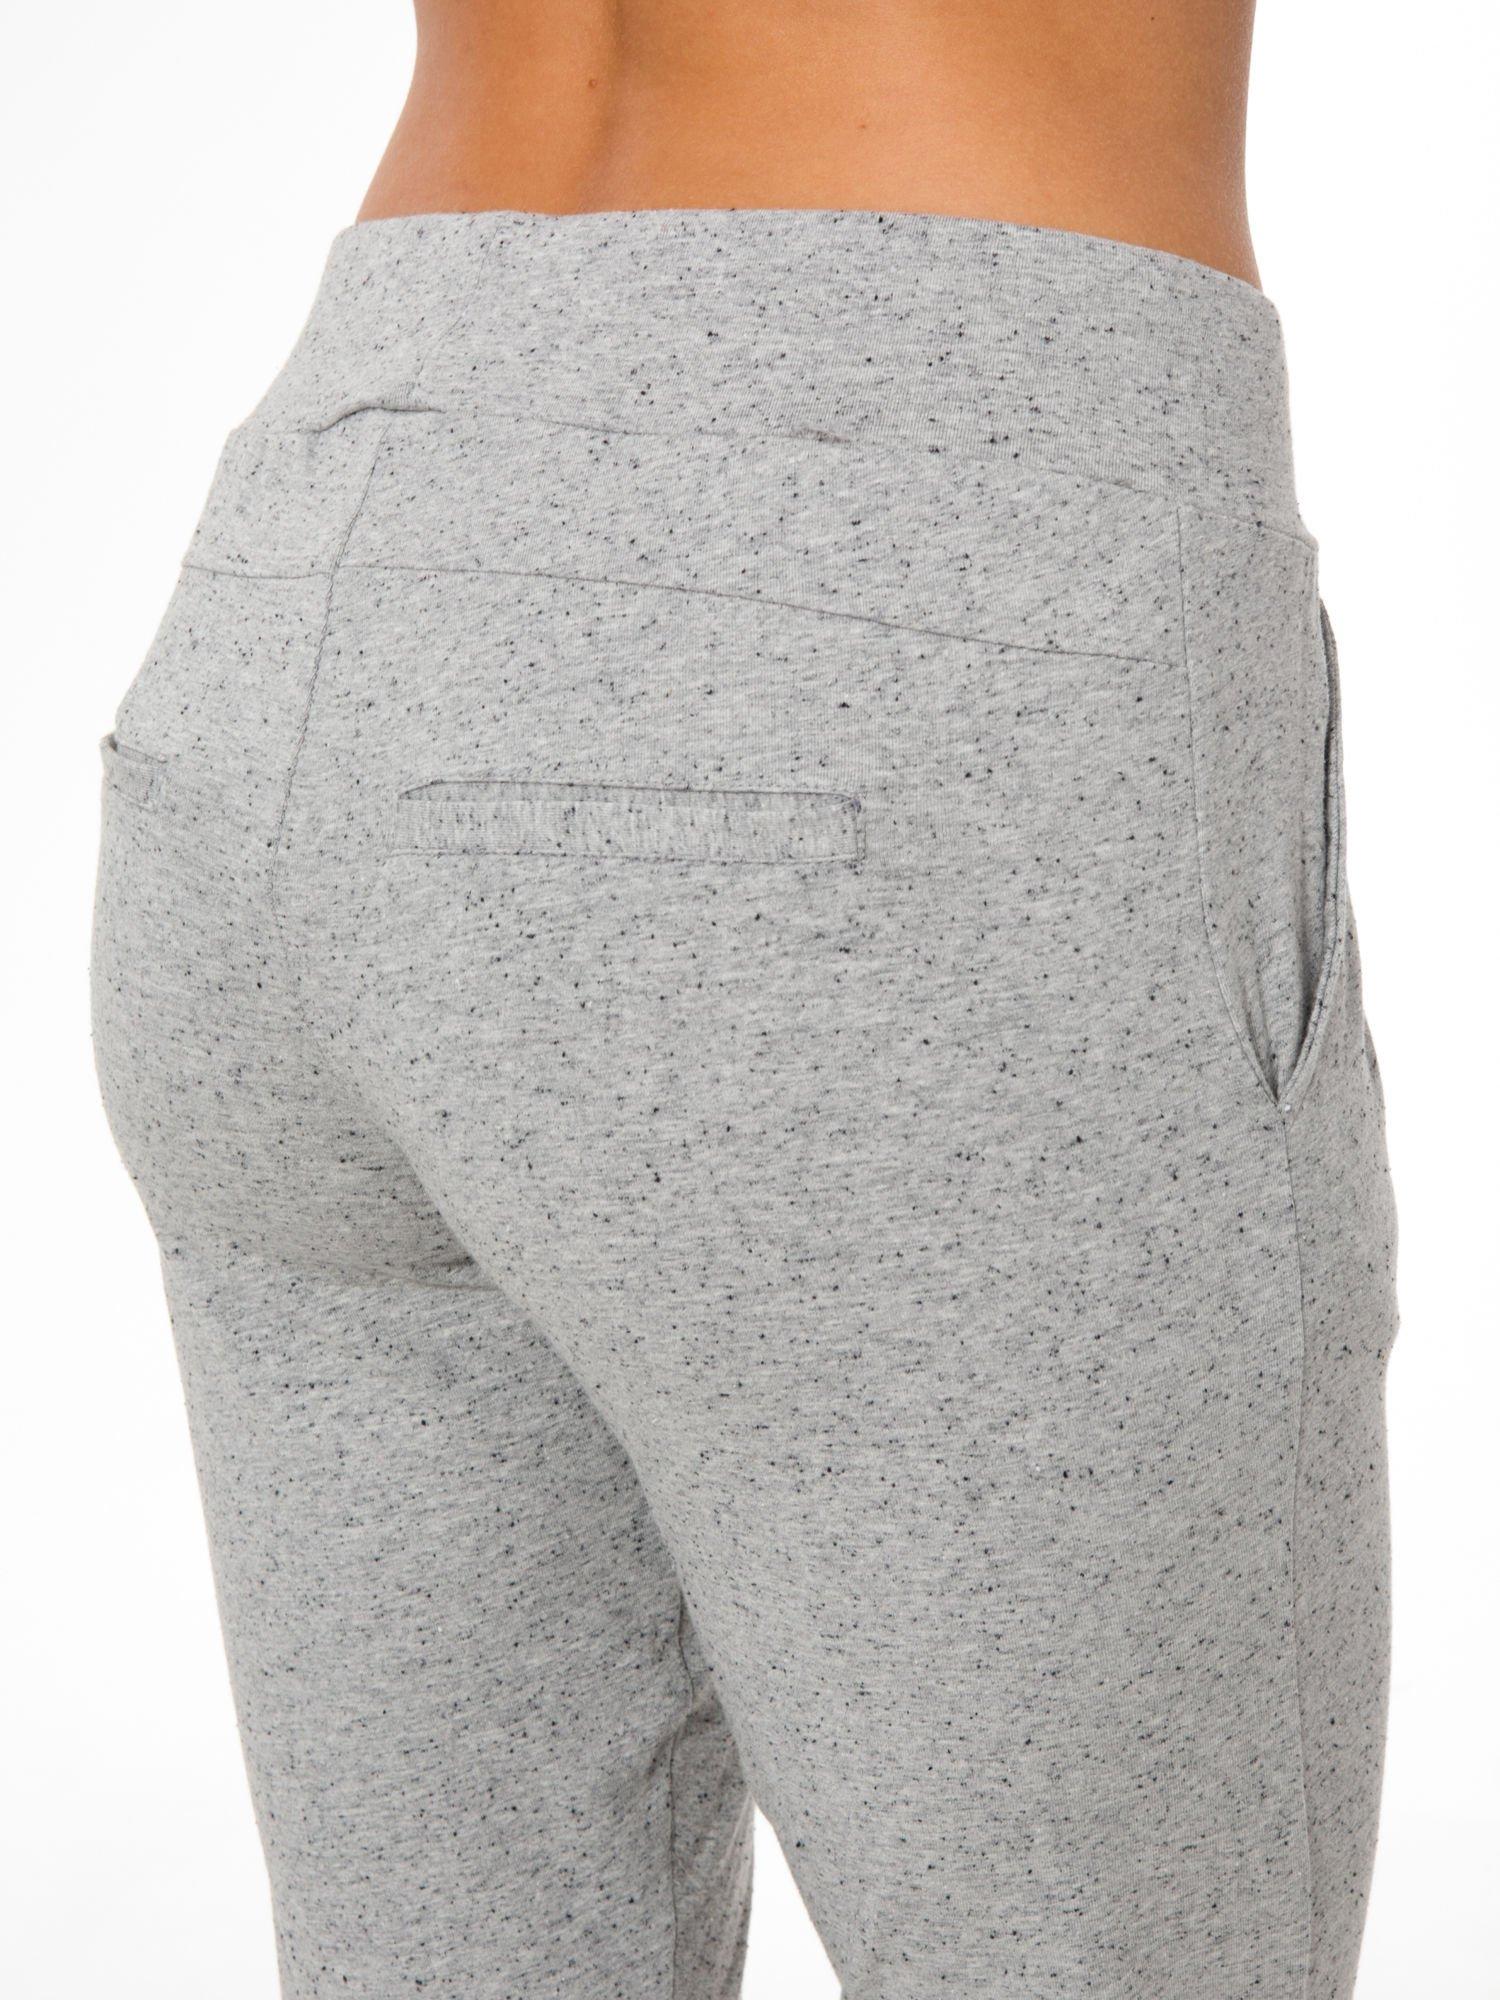 Szare wąskie spodnie dresowe wiązane w pasie na wstążkę                                  zdj.                                  6